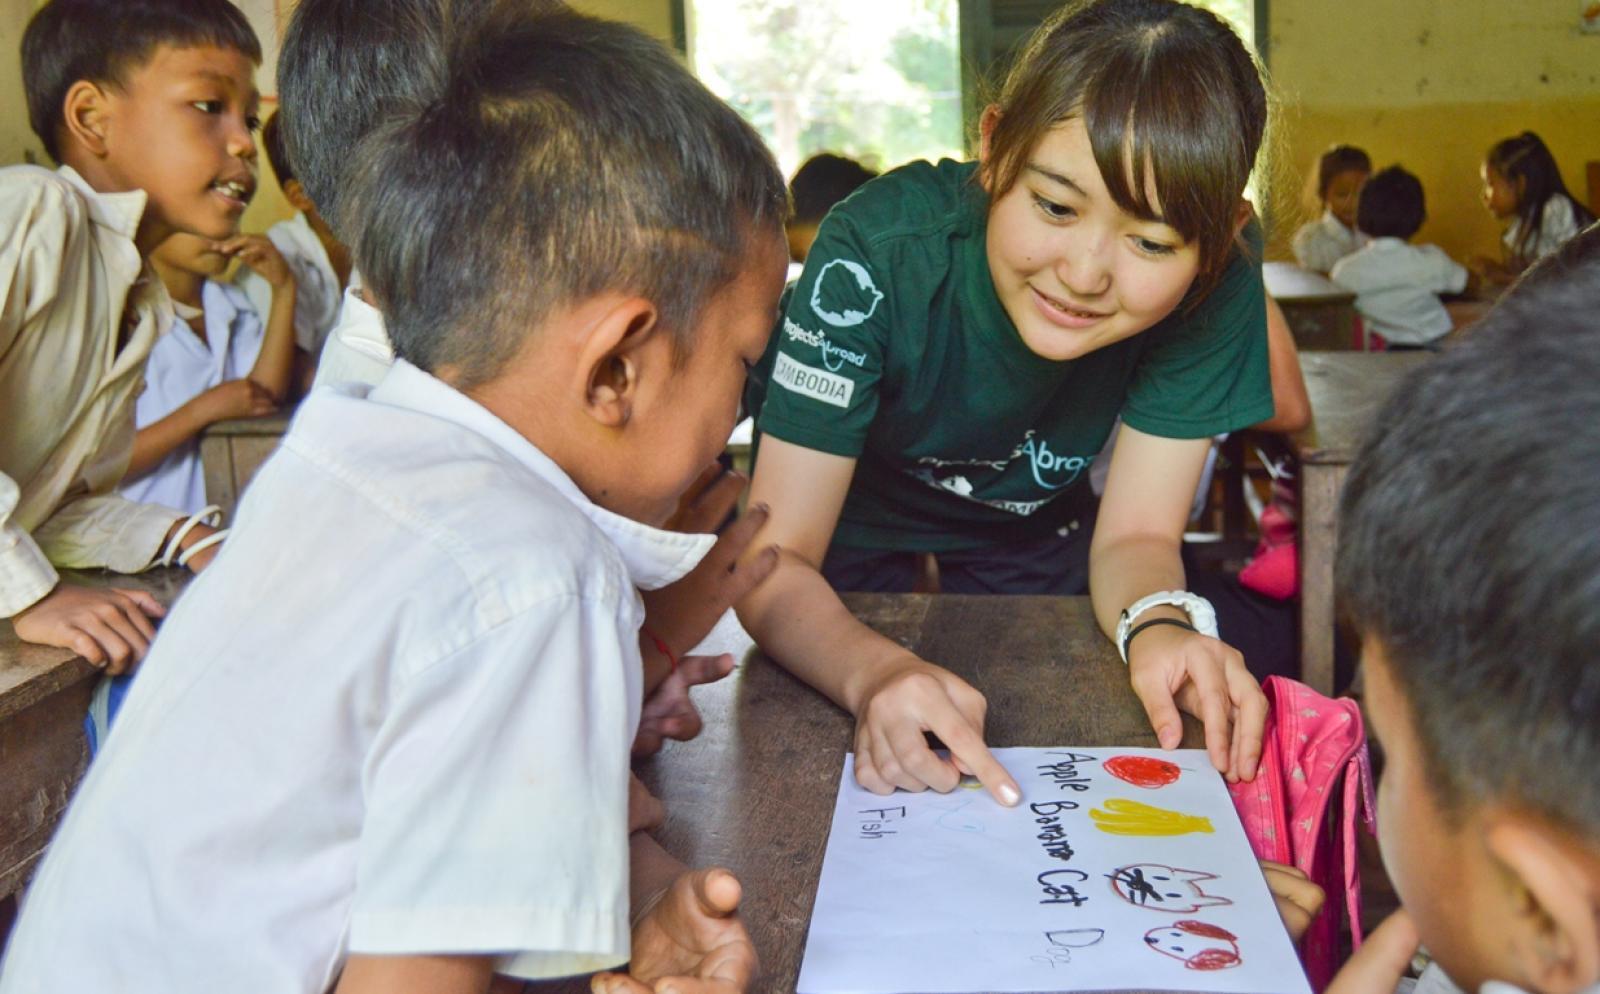 カンボジアで子供たちへの基礎教育支援に取り組む日本人チャイルドケアボランティア